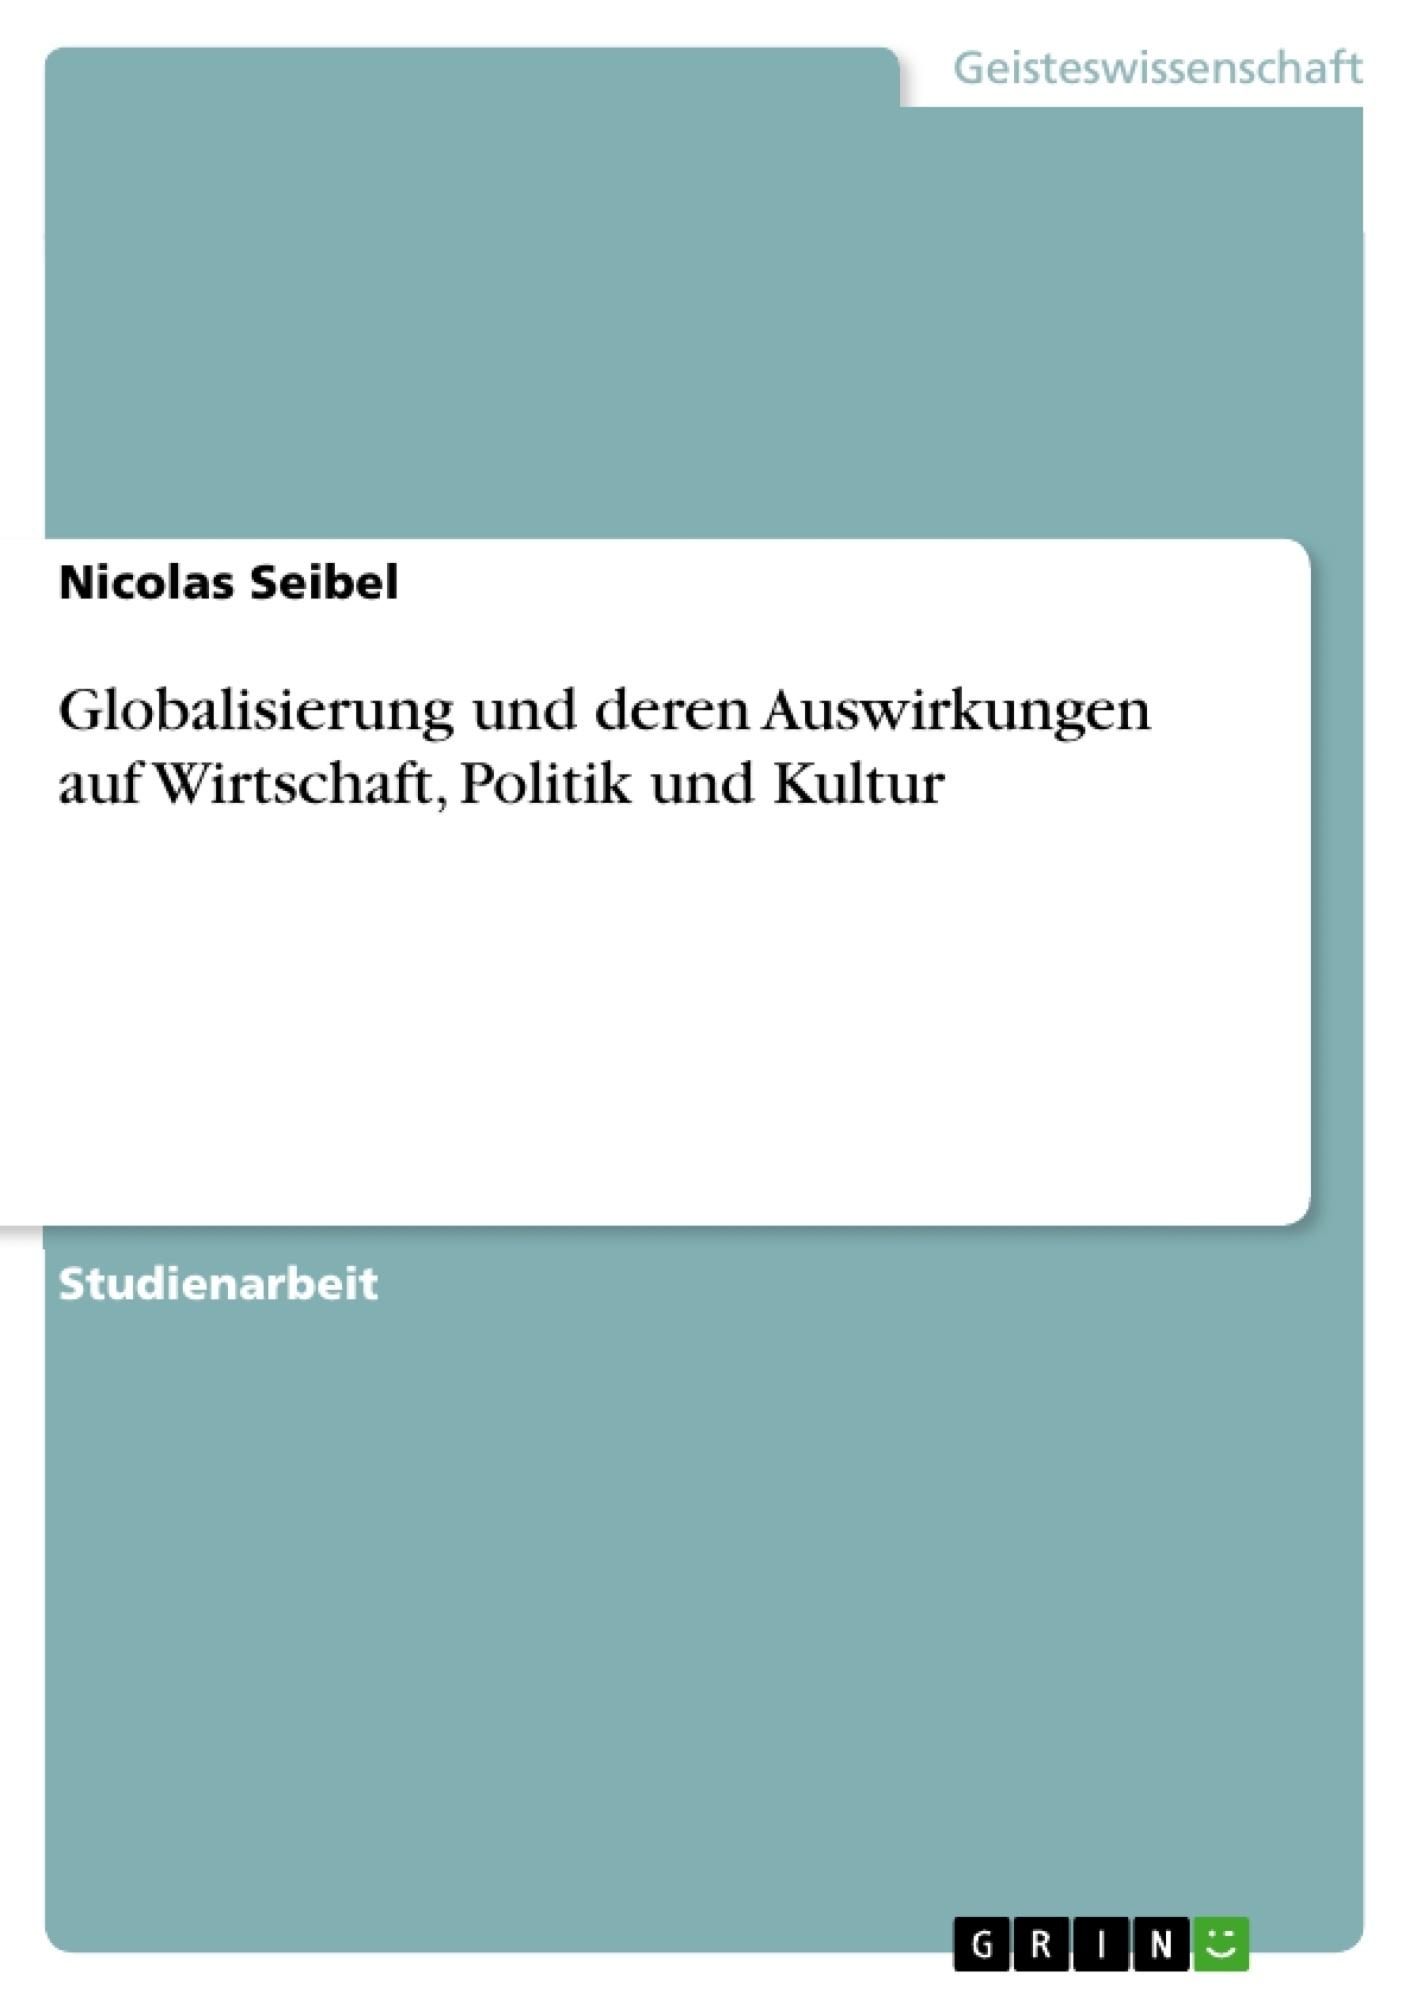 Titel: Globalisierung und deren Auswirkungen auf Wirtschaft, Politik und Kultur